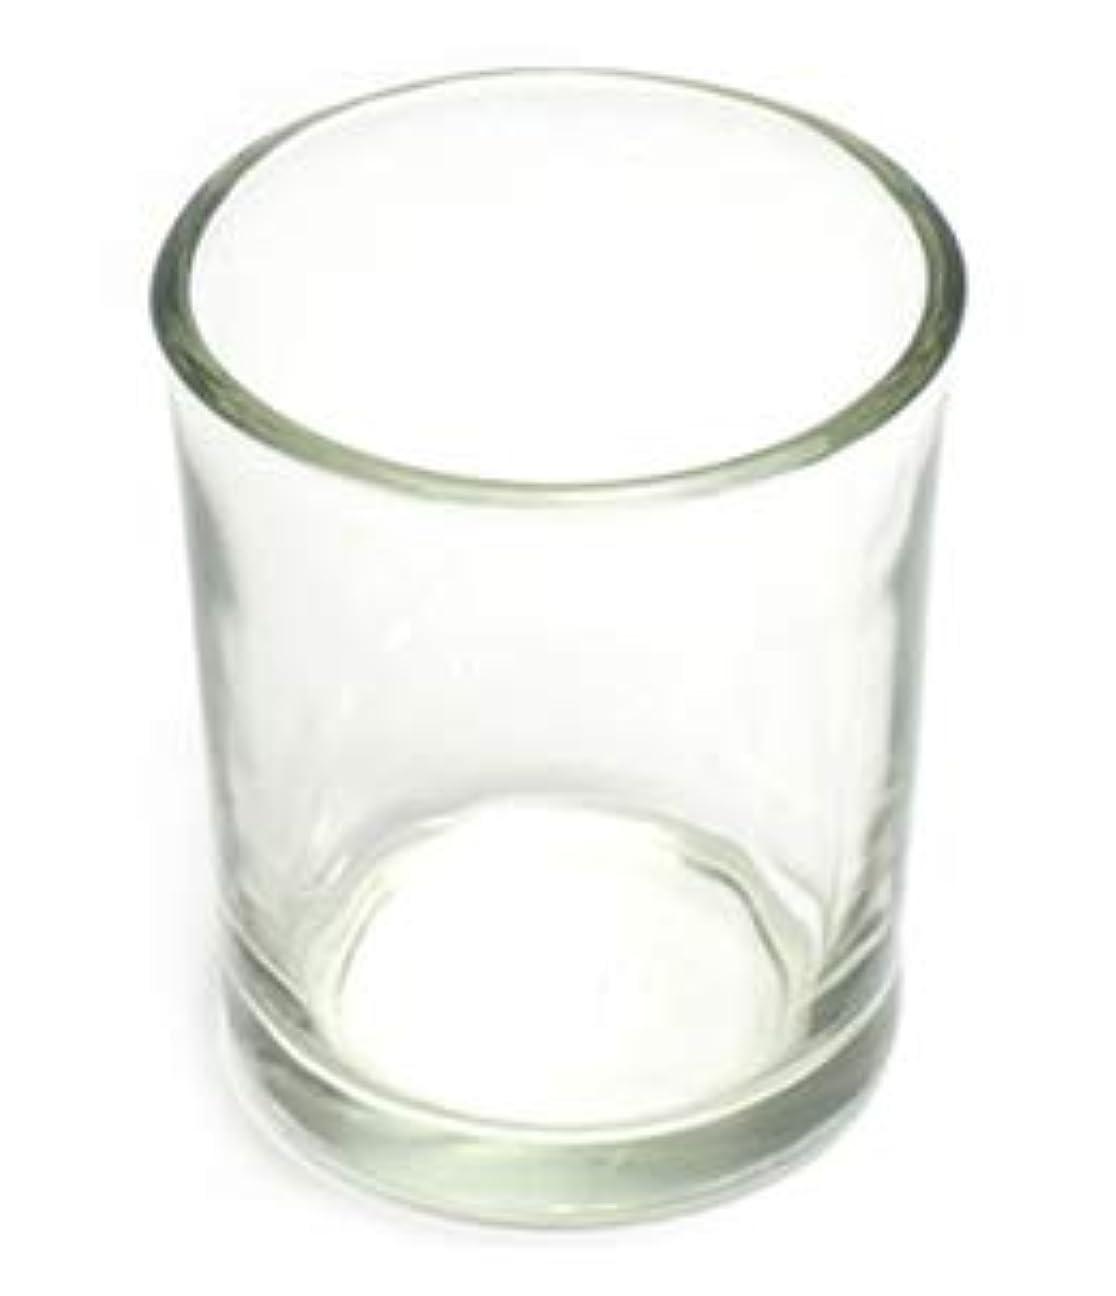 元に戻す二次留め金キャンドルホルダー ガラス シンプル[小] 192個【キャンドルスタンド 透明 クリア おしゃれ ろうそく立て】